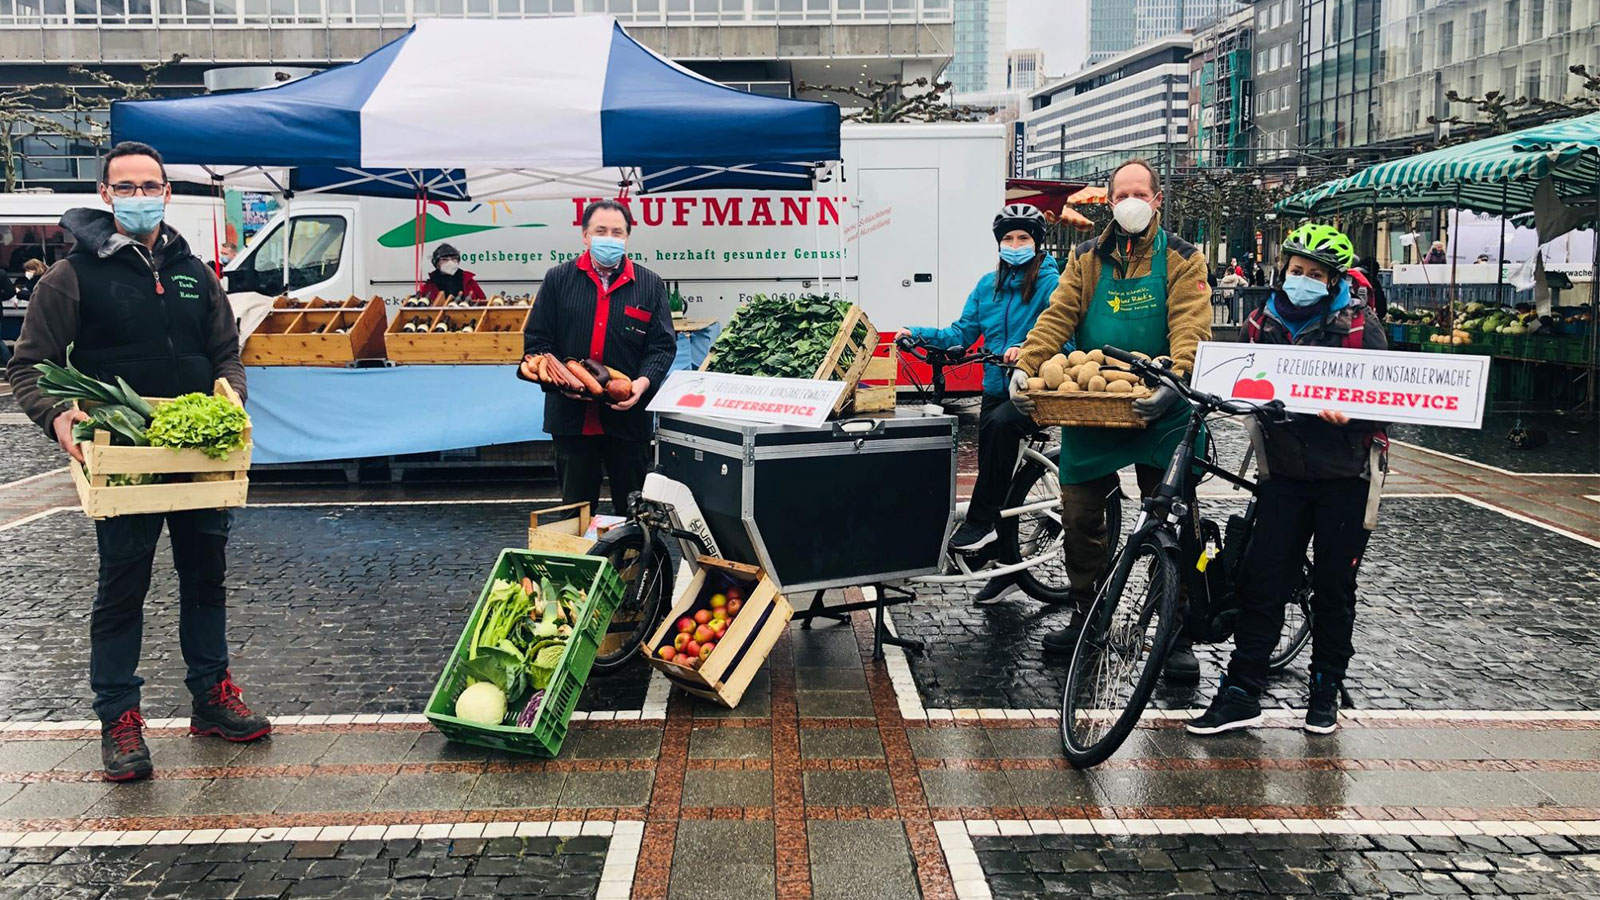 Wochenmarkt in Frankfurt: Über Marktfee App bestellen, von Sachen auf Rädern bringen lassen